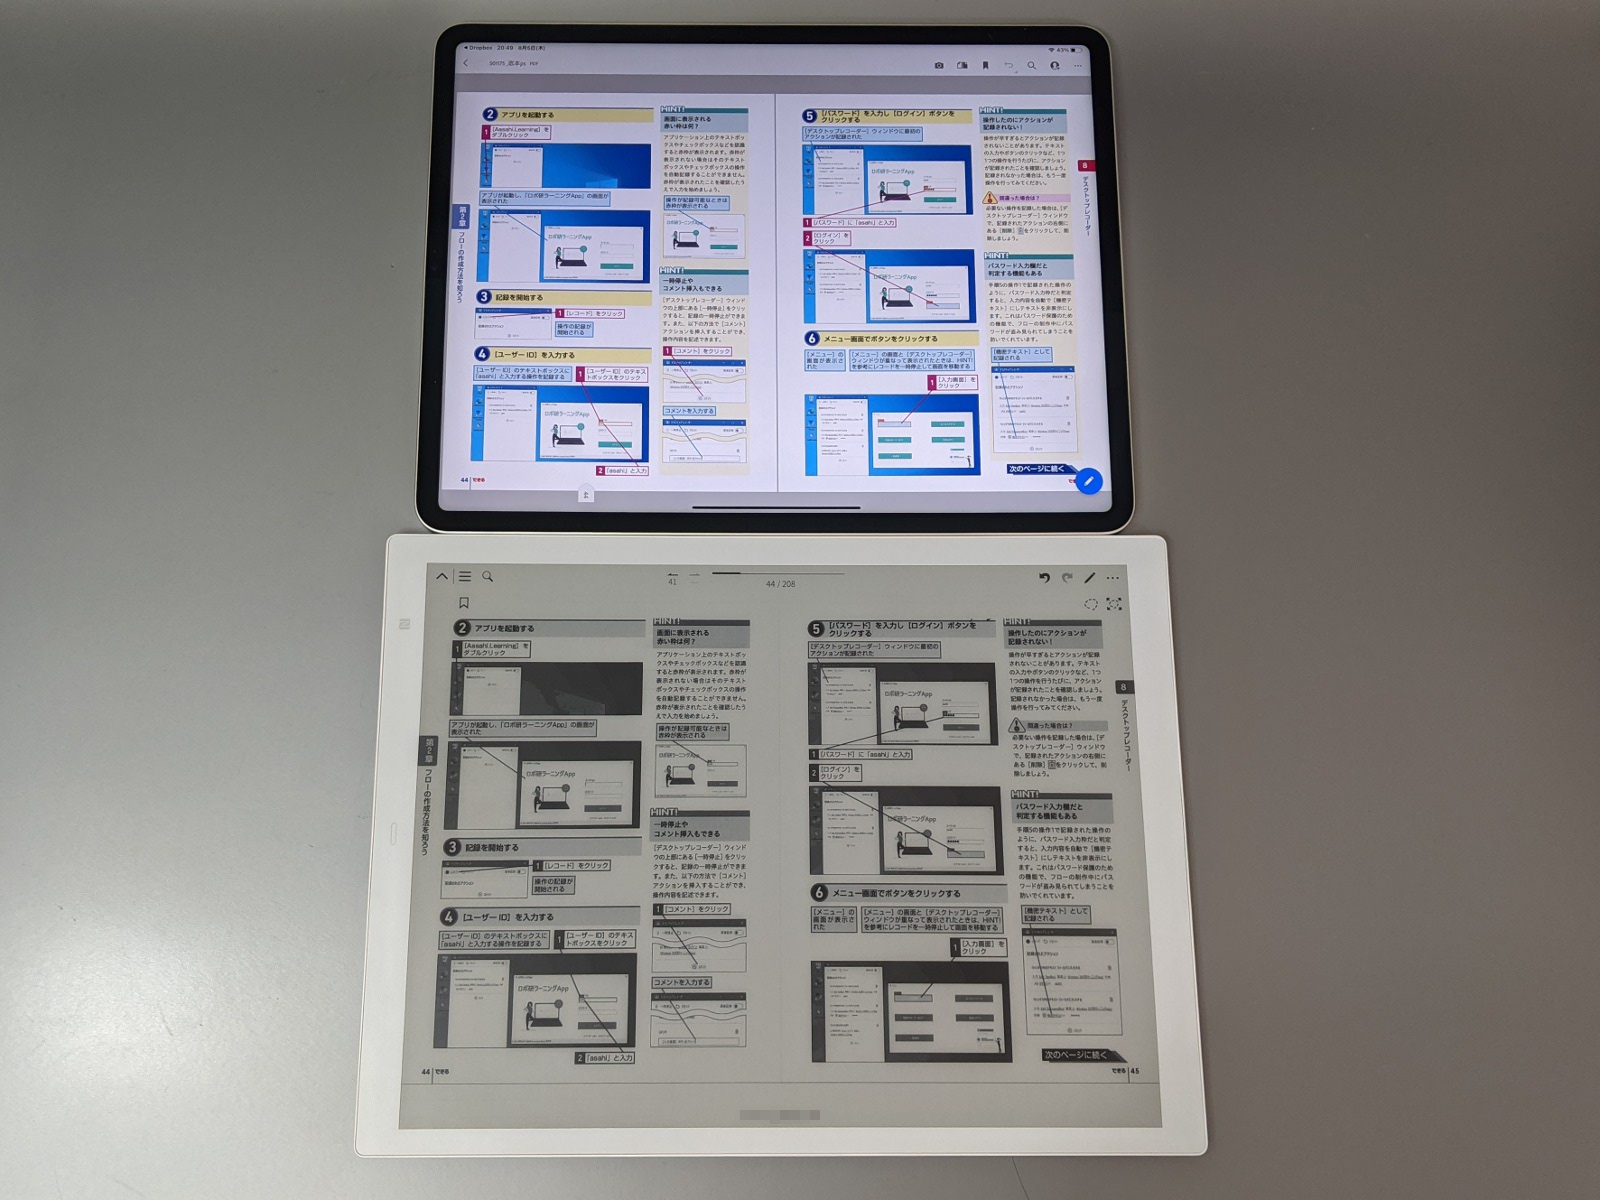 見開きにした状態。どちらも画面の縦横比率は4:3と、紙の本の判型に近いため、無駄な余白もできにくい